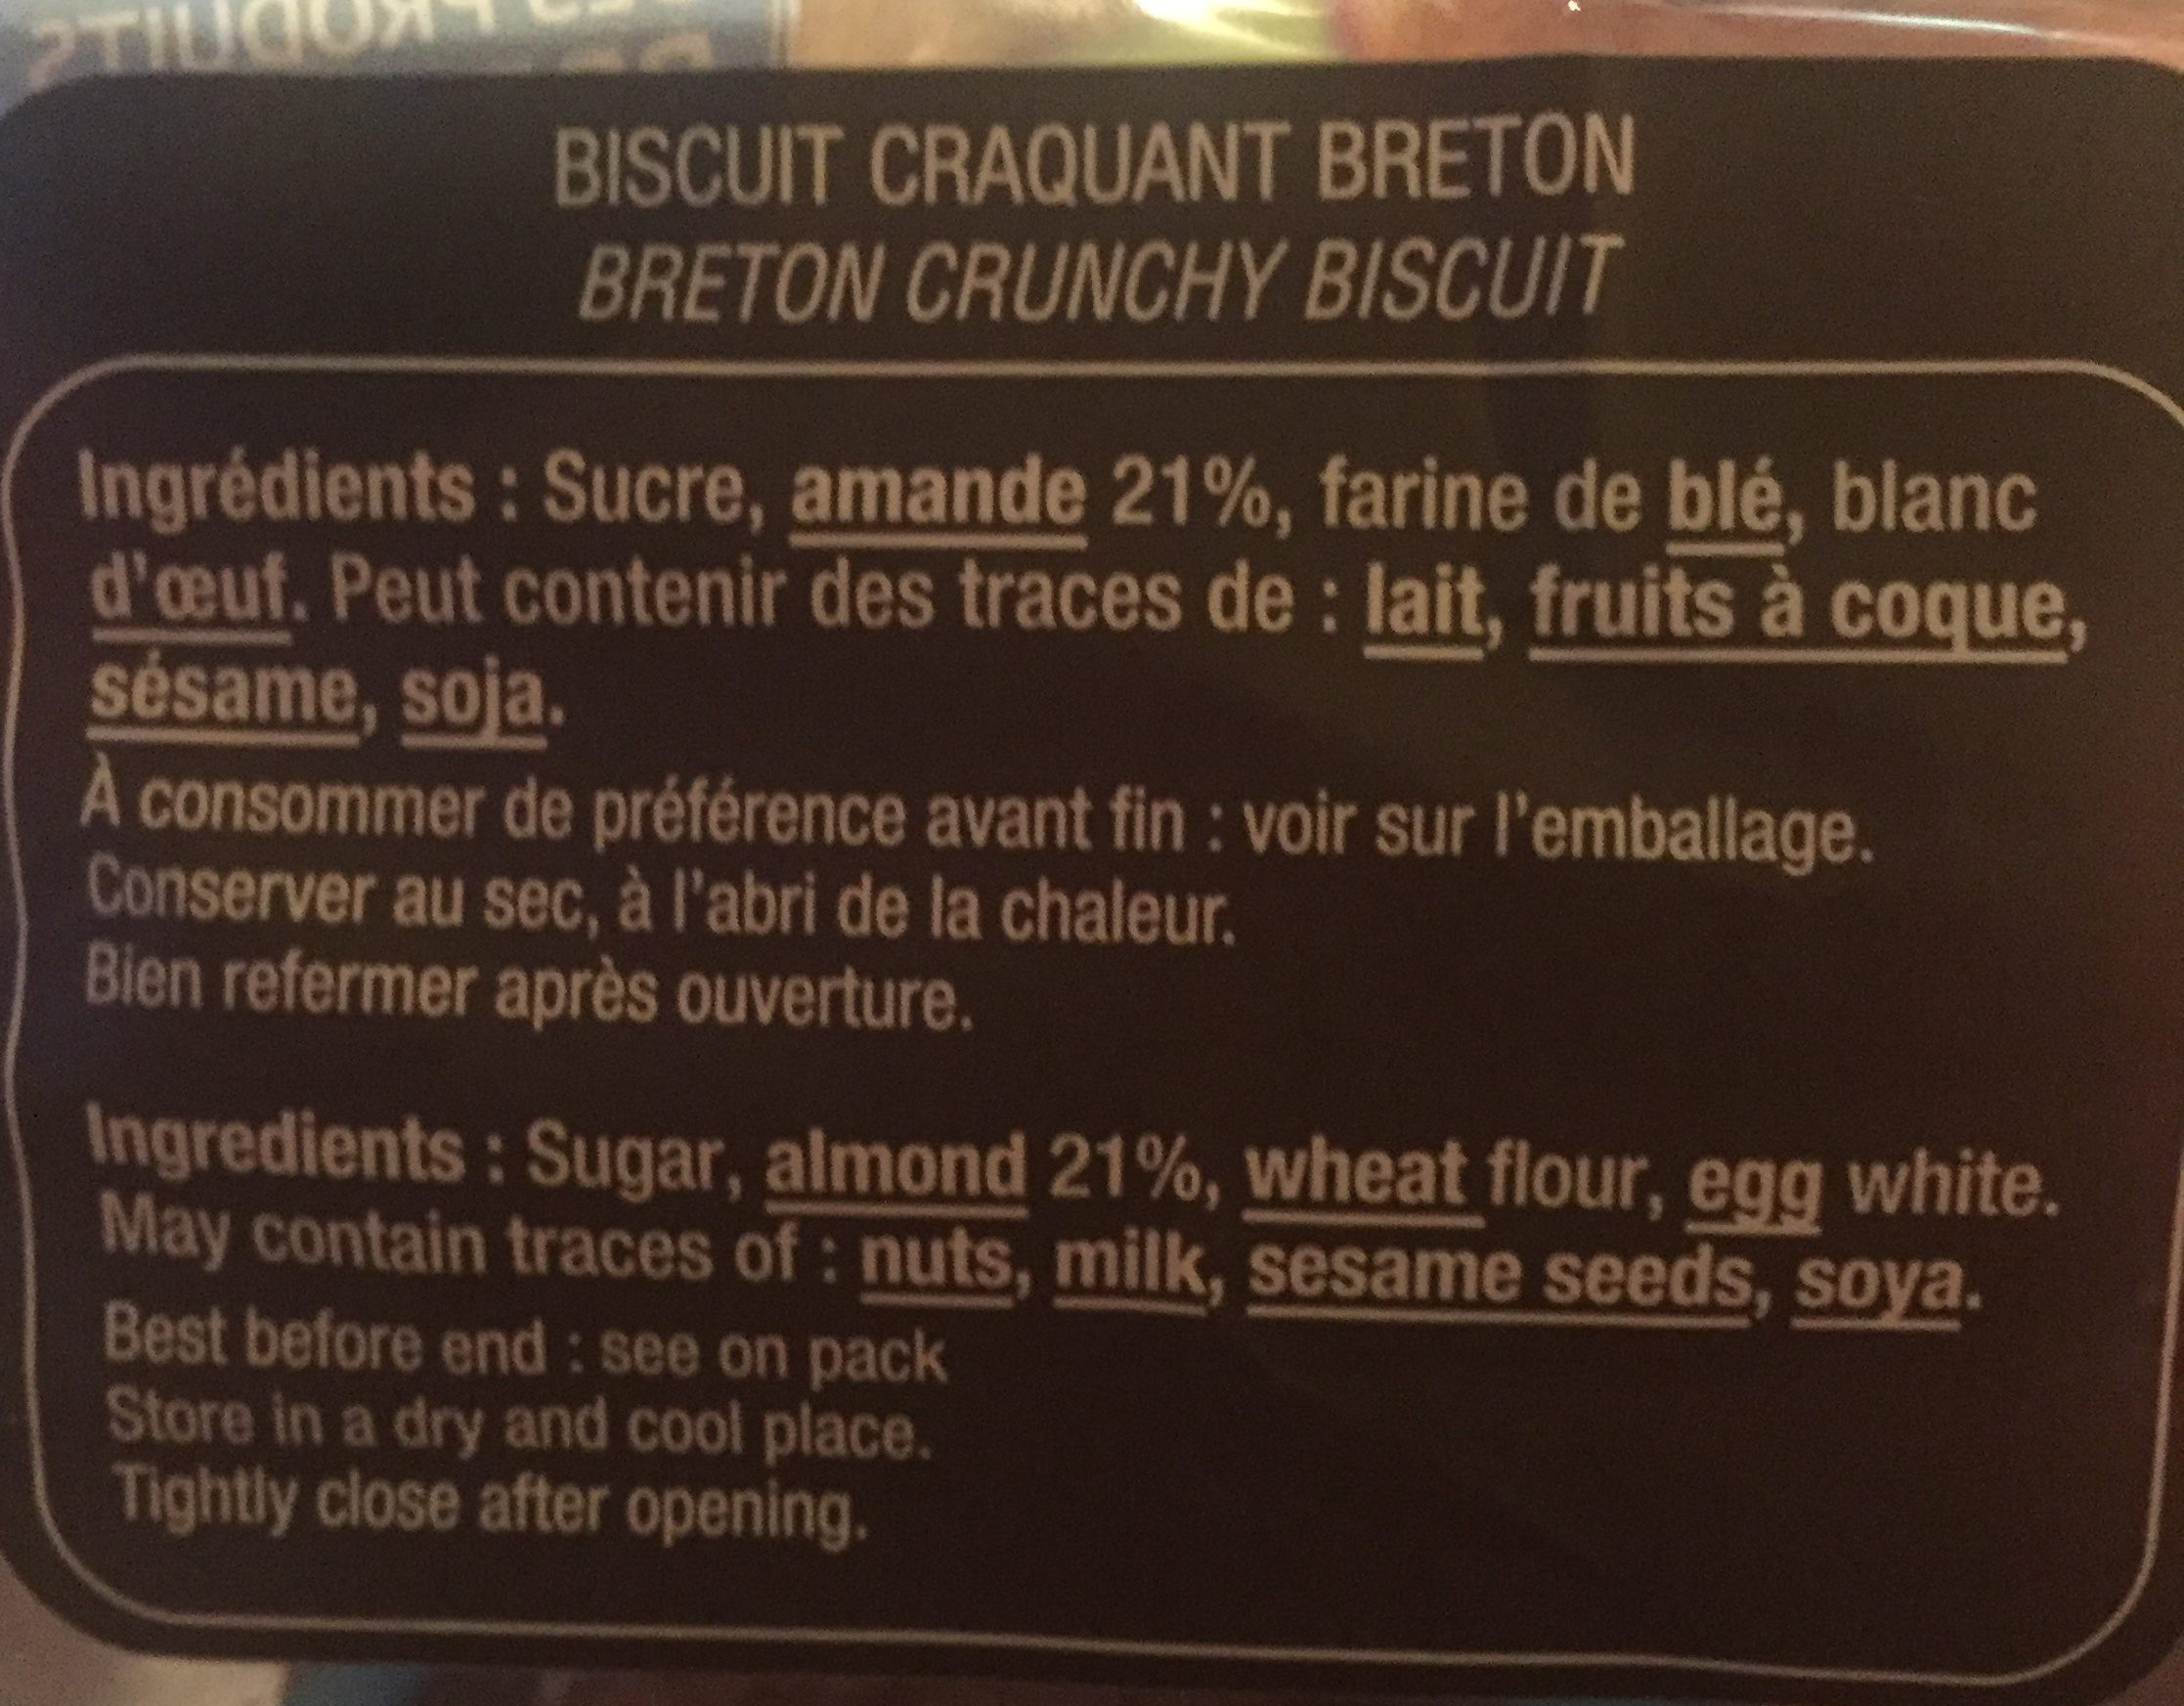 Le p'tit craq - Ingrédients